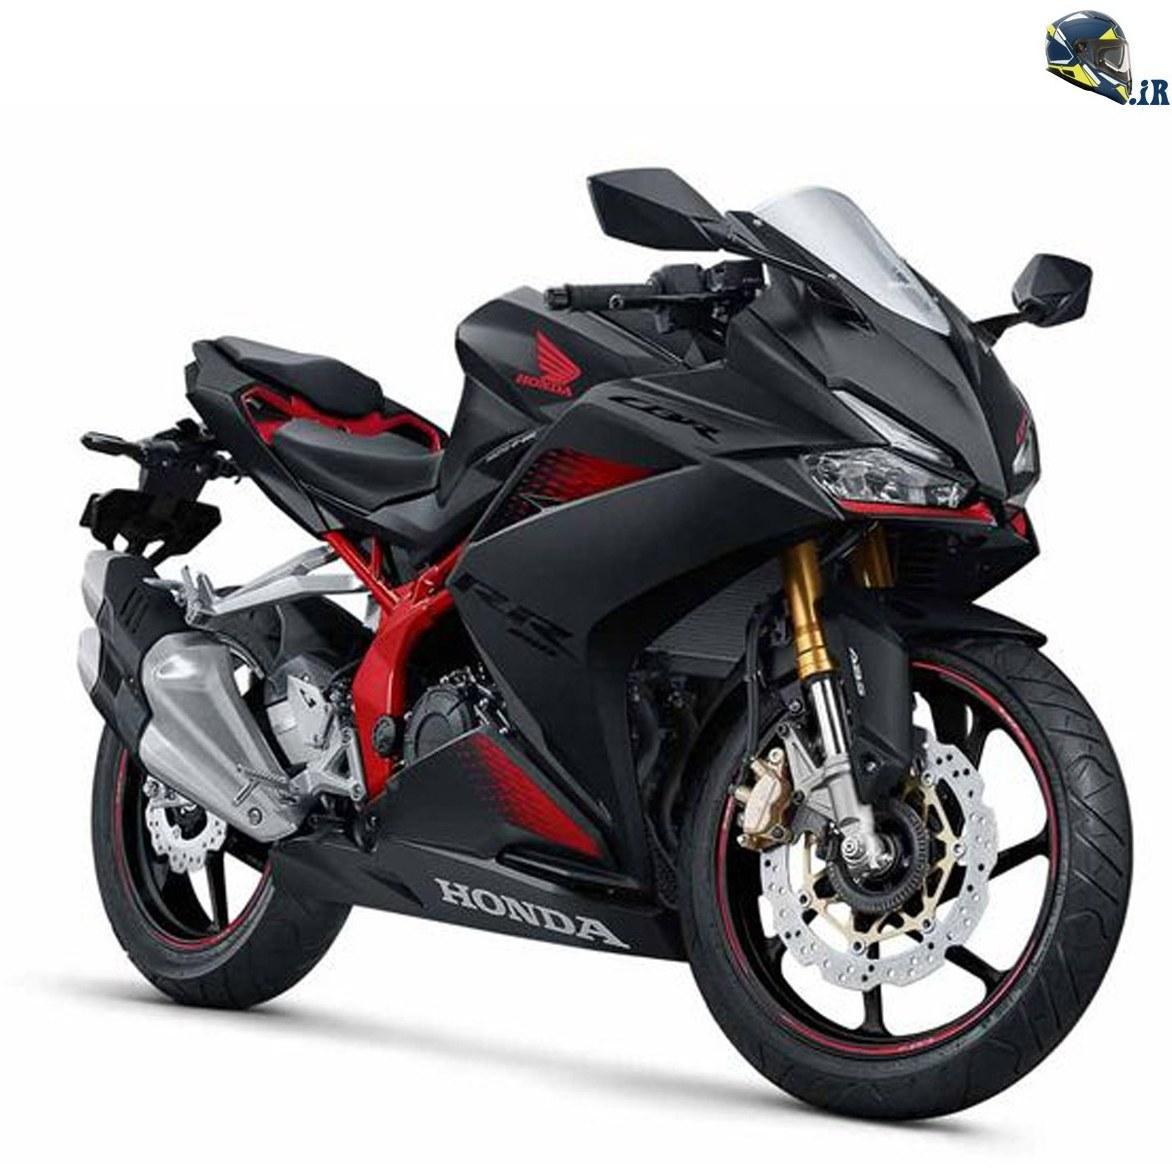 تصویر موتورسیکلت Honda Cbr 250RR مدل ۲۰۲۱